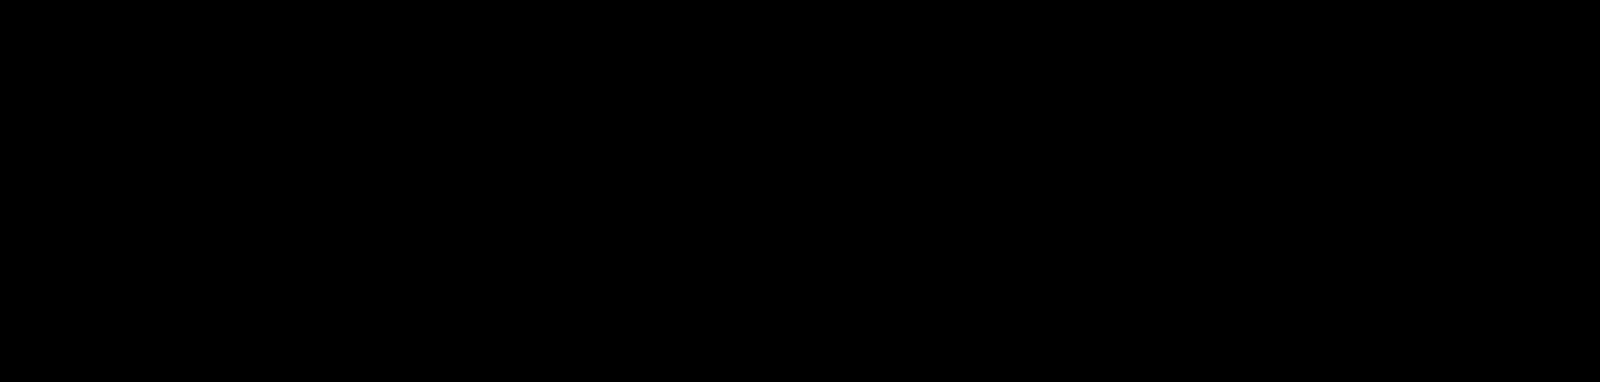 Metta_Logo_Black_large.png